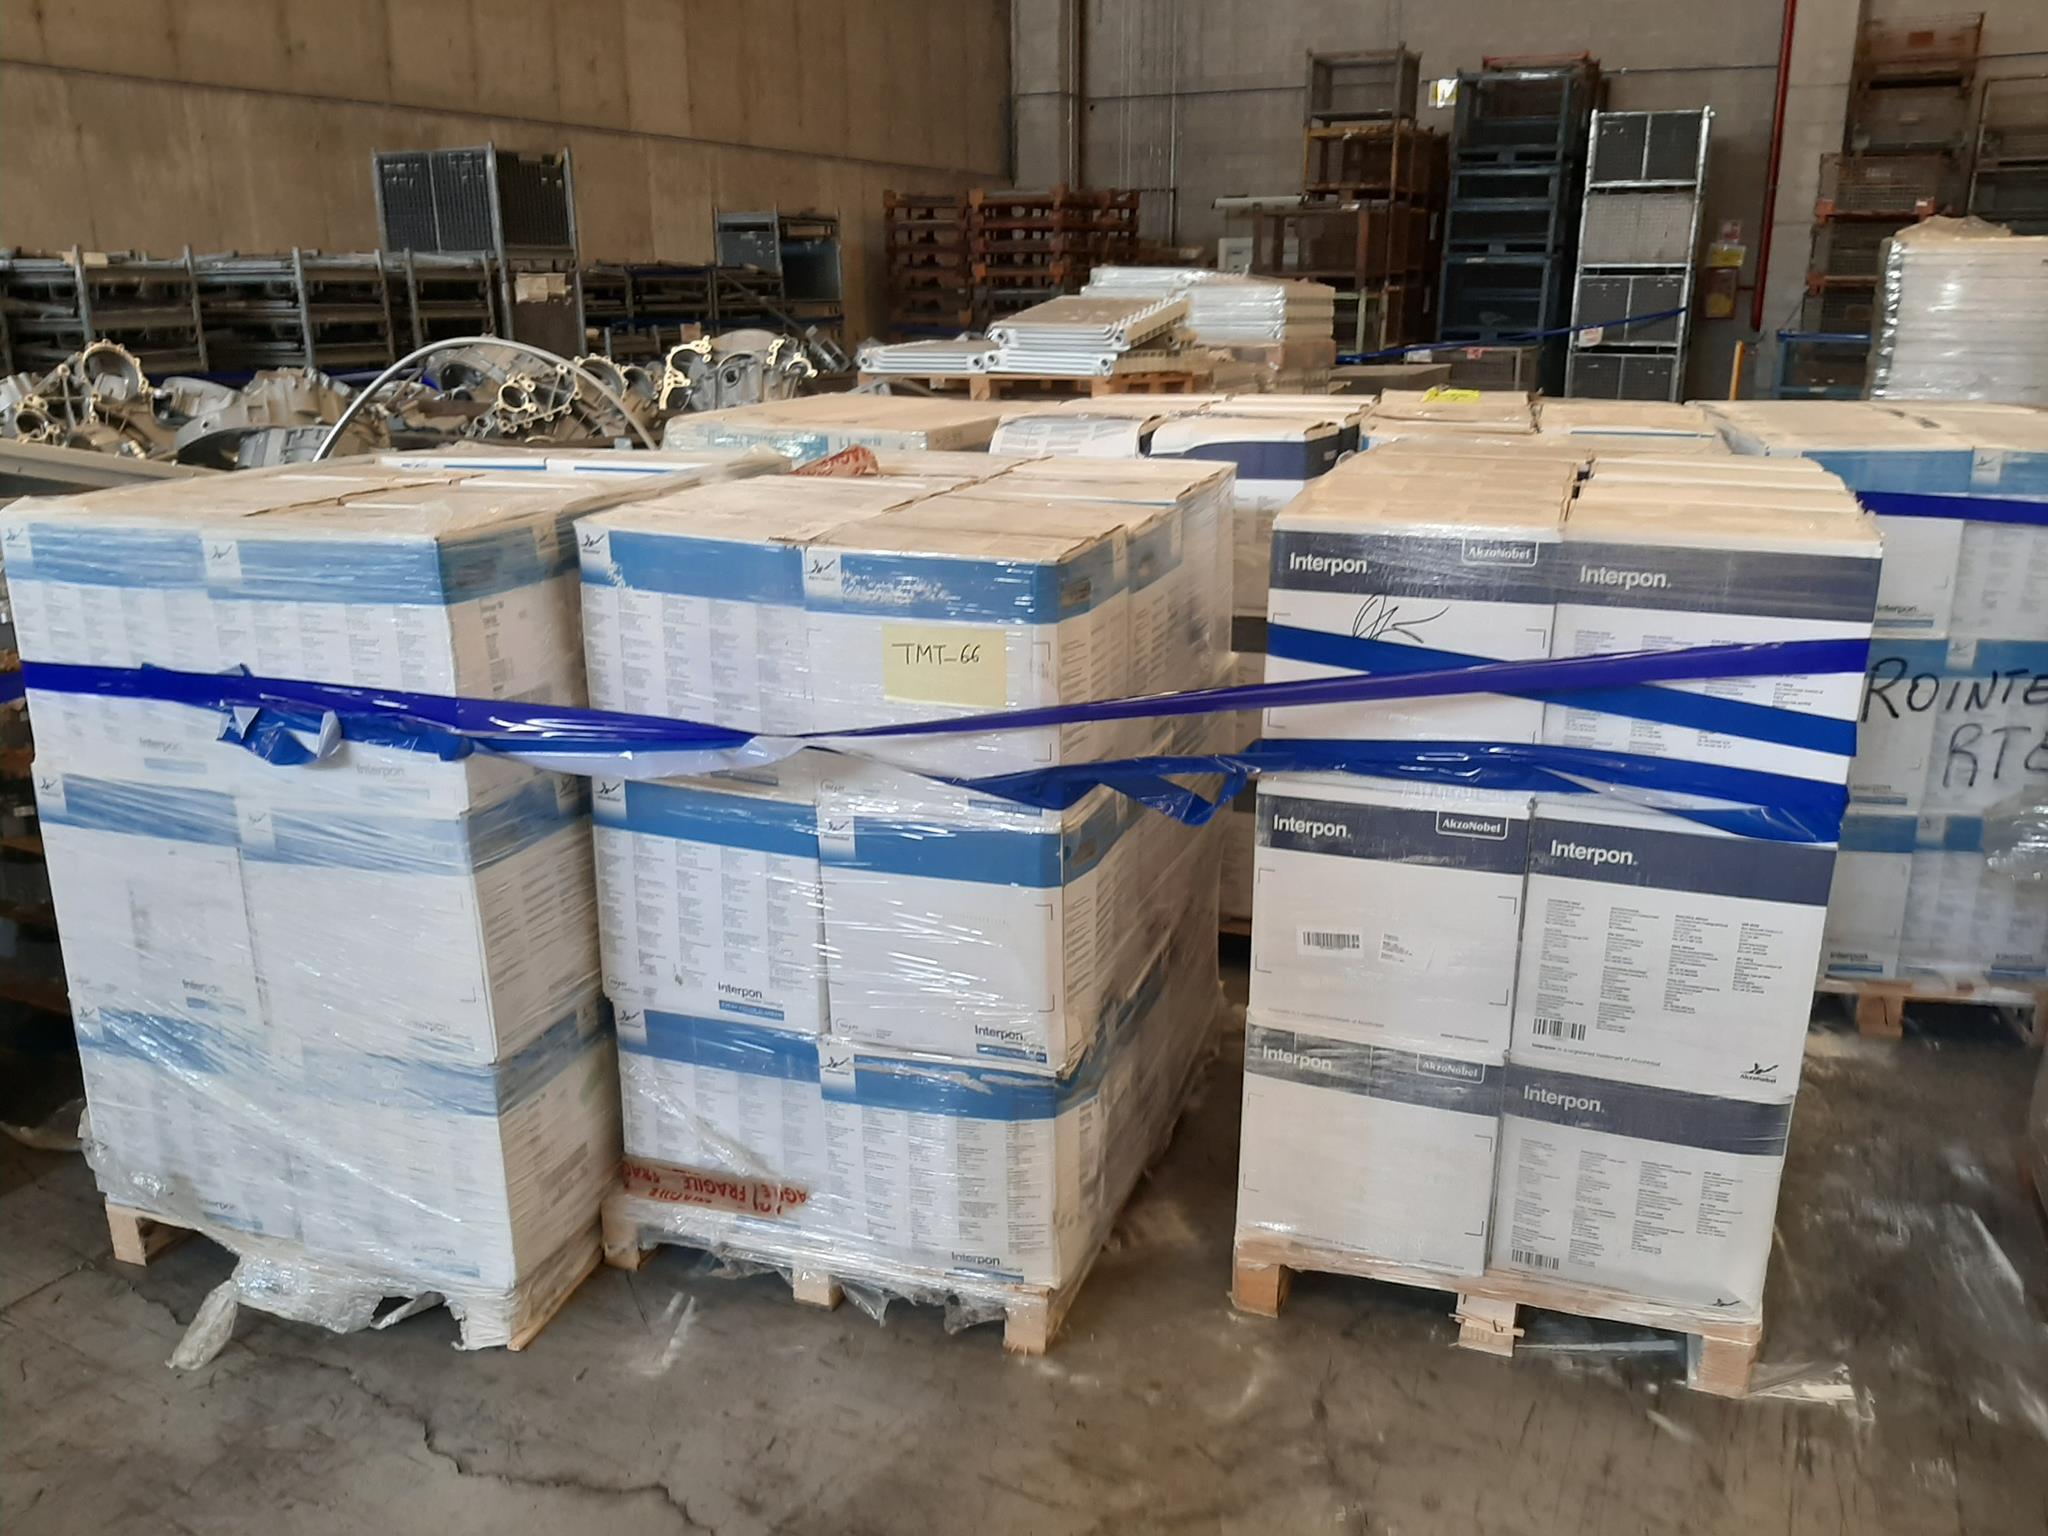 Scatole polvere verniciante e materiale in vendita - foto 2